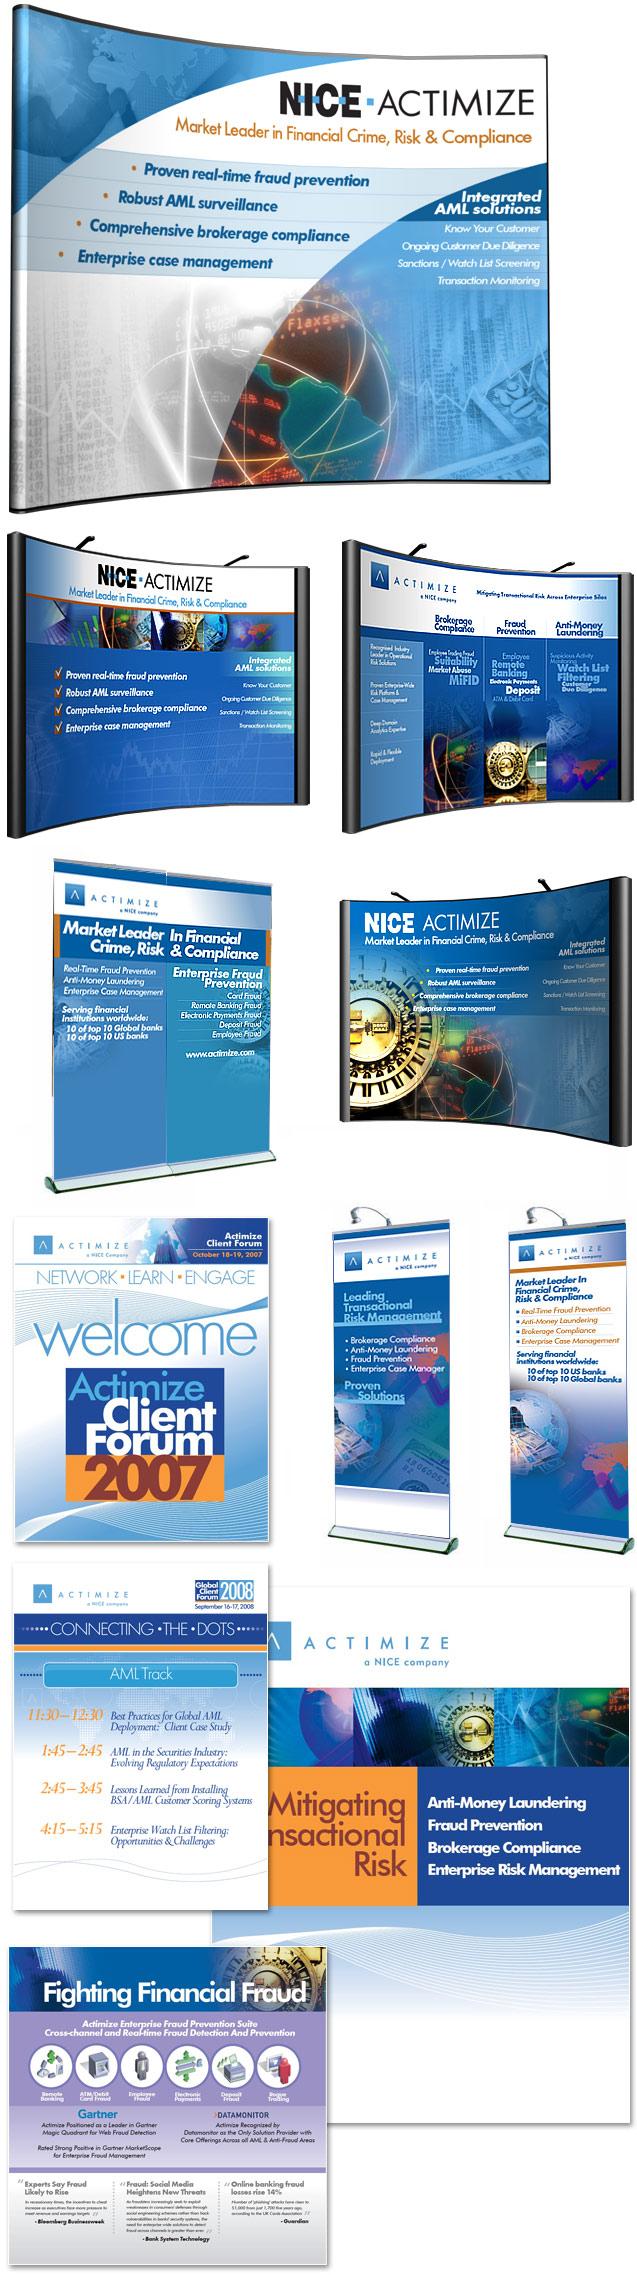 Print Design Lightmix Trade Show Booth Design Trade Show Design Booth Display Design